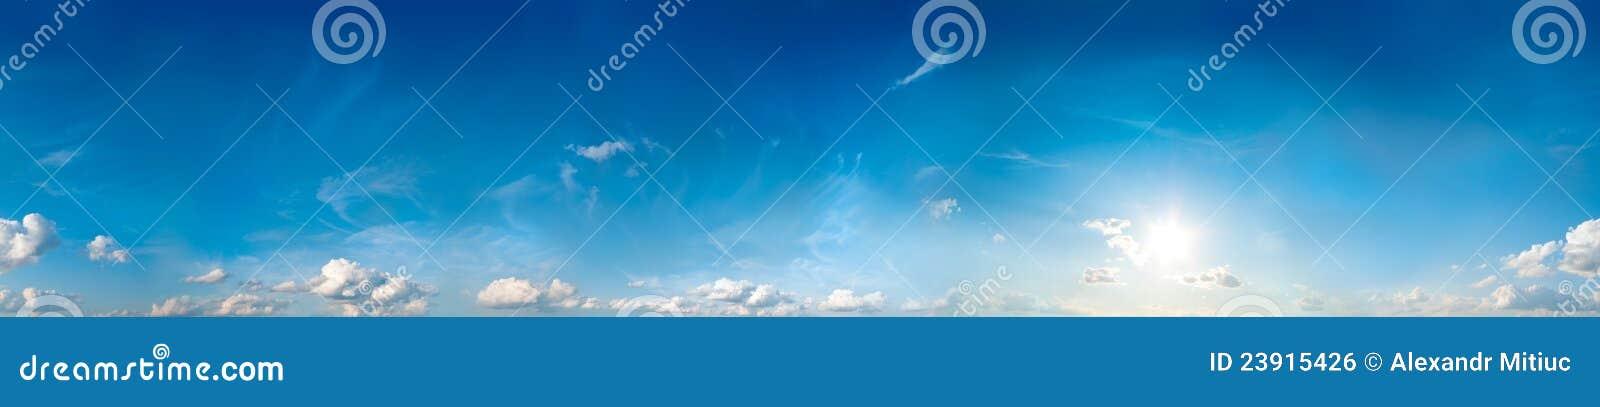 Seamless sky panorama